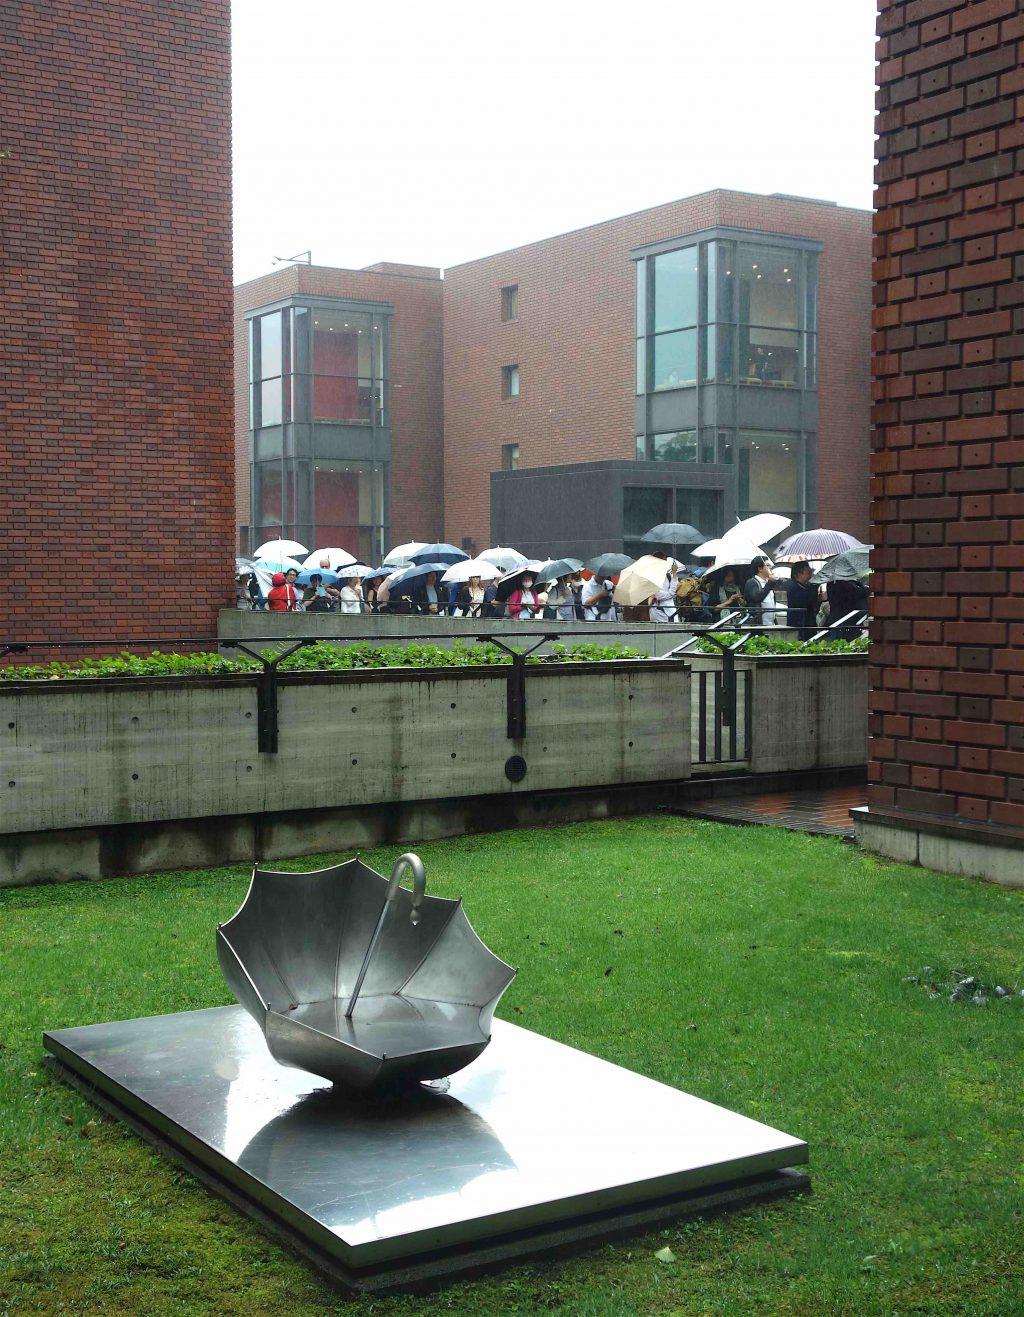 クリムト展は豊田市美術館で開催中、10月14日まで